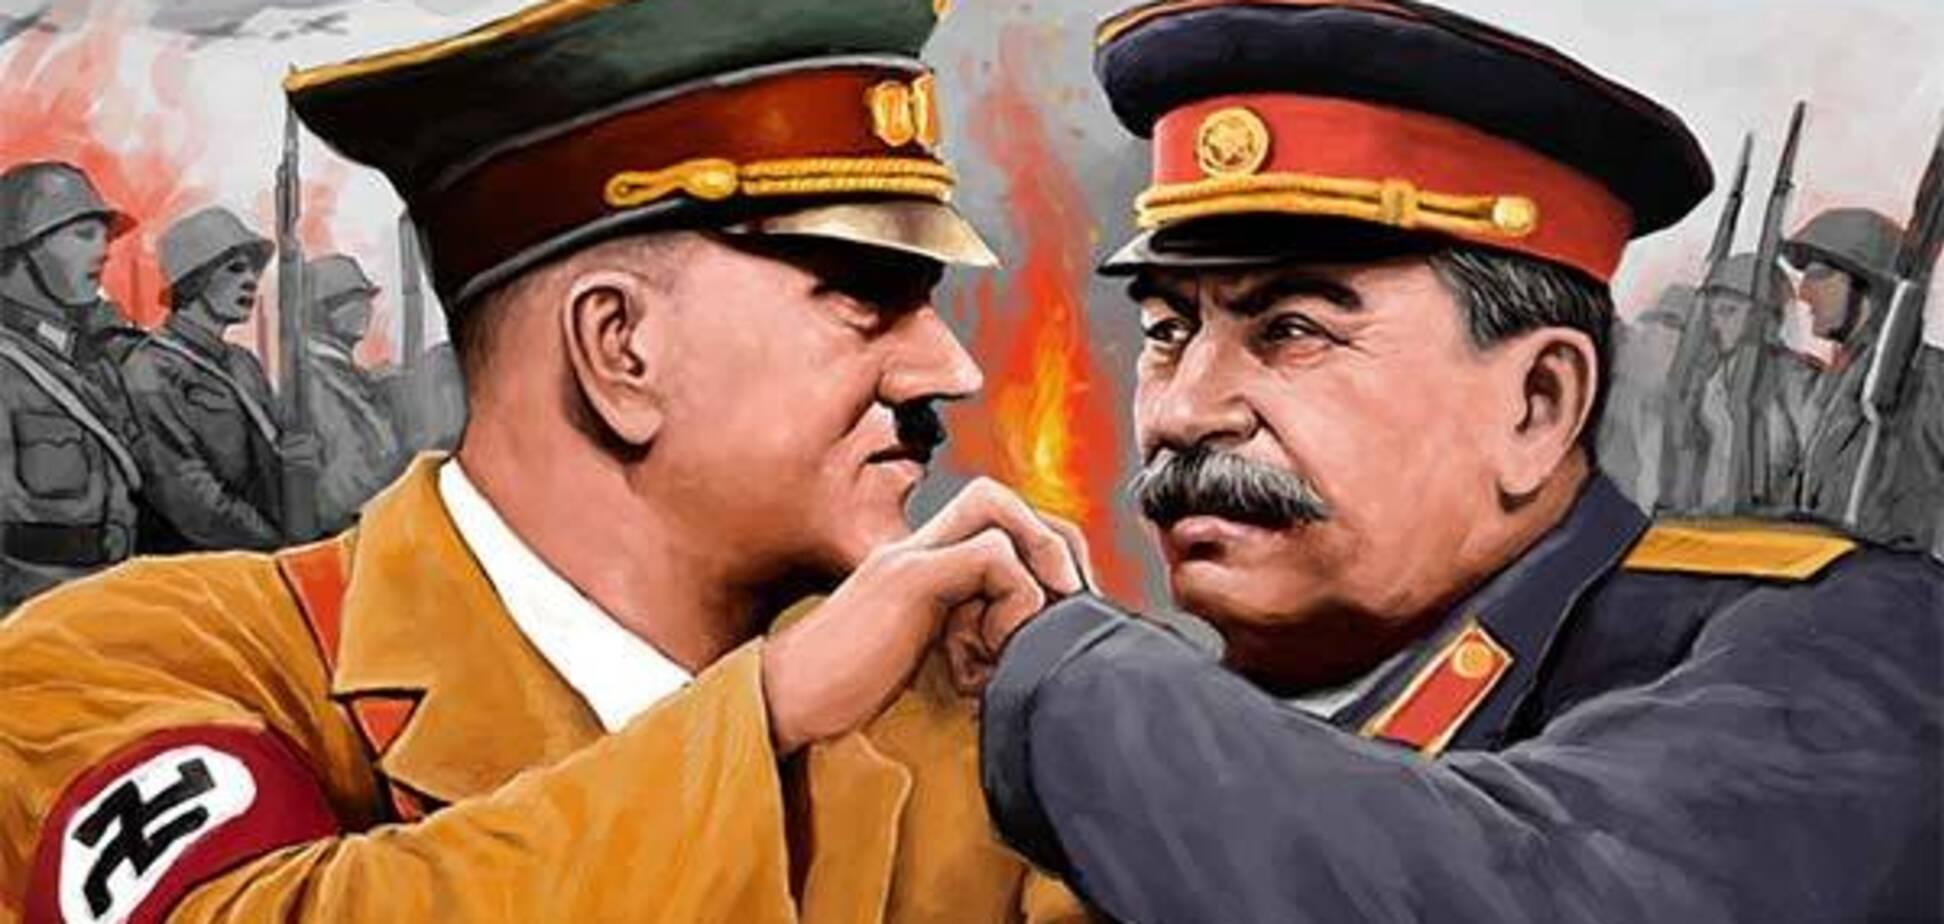 22 июня 1941 года: как Сталин не поверил в войну с Гитлером